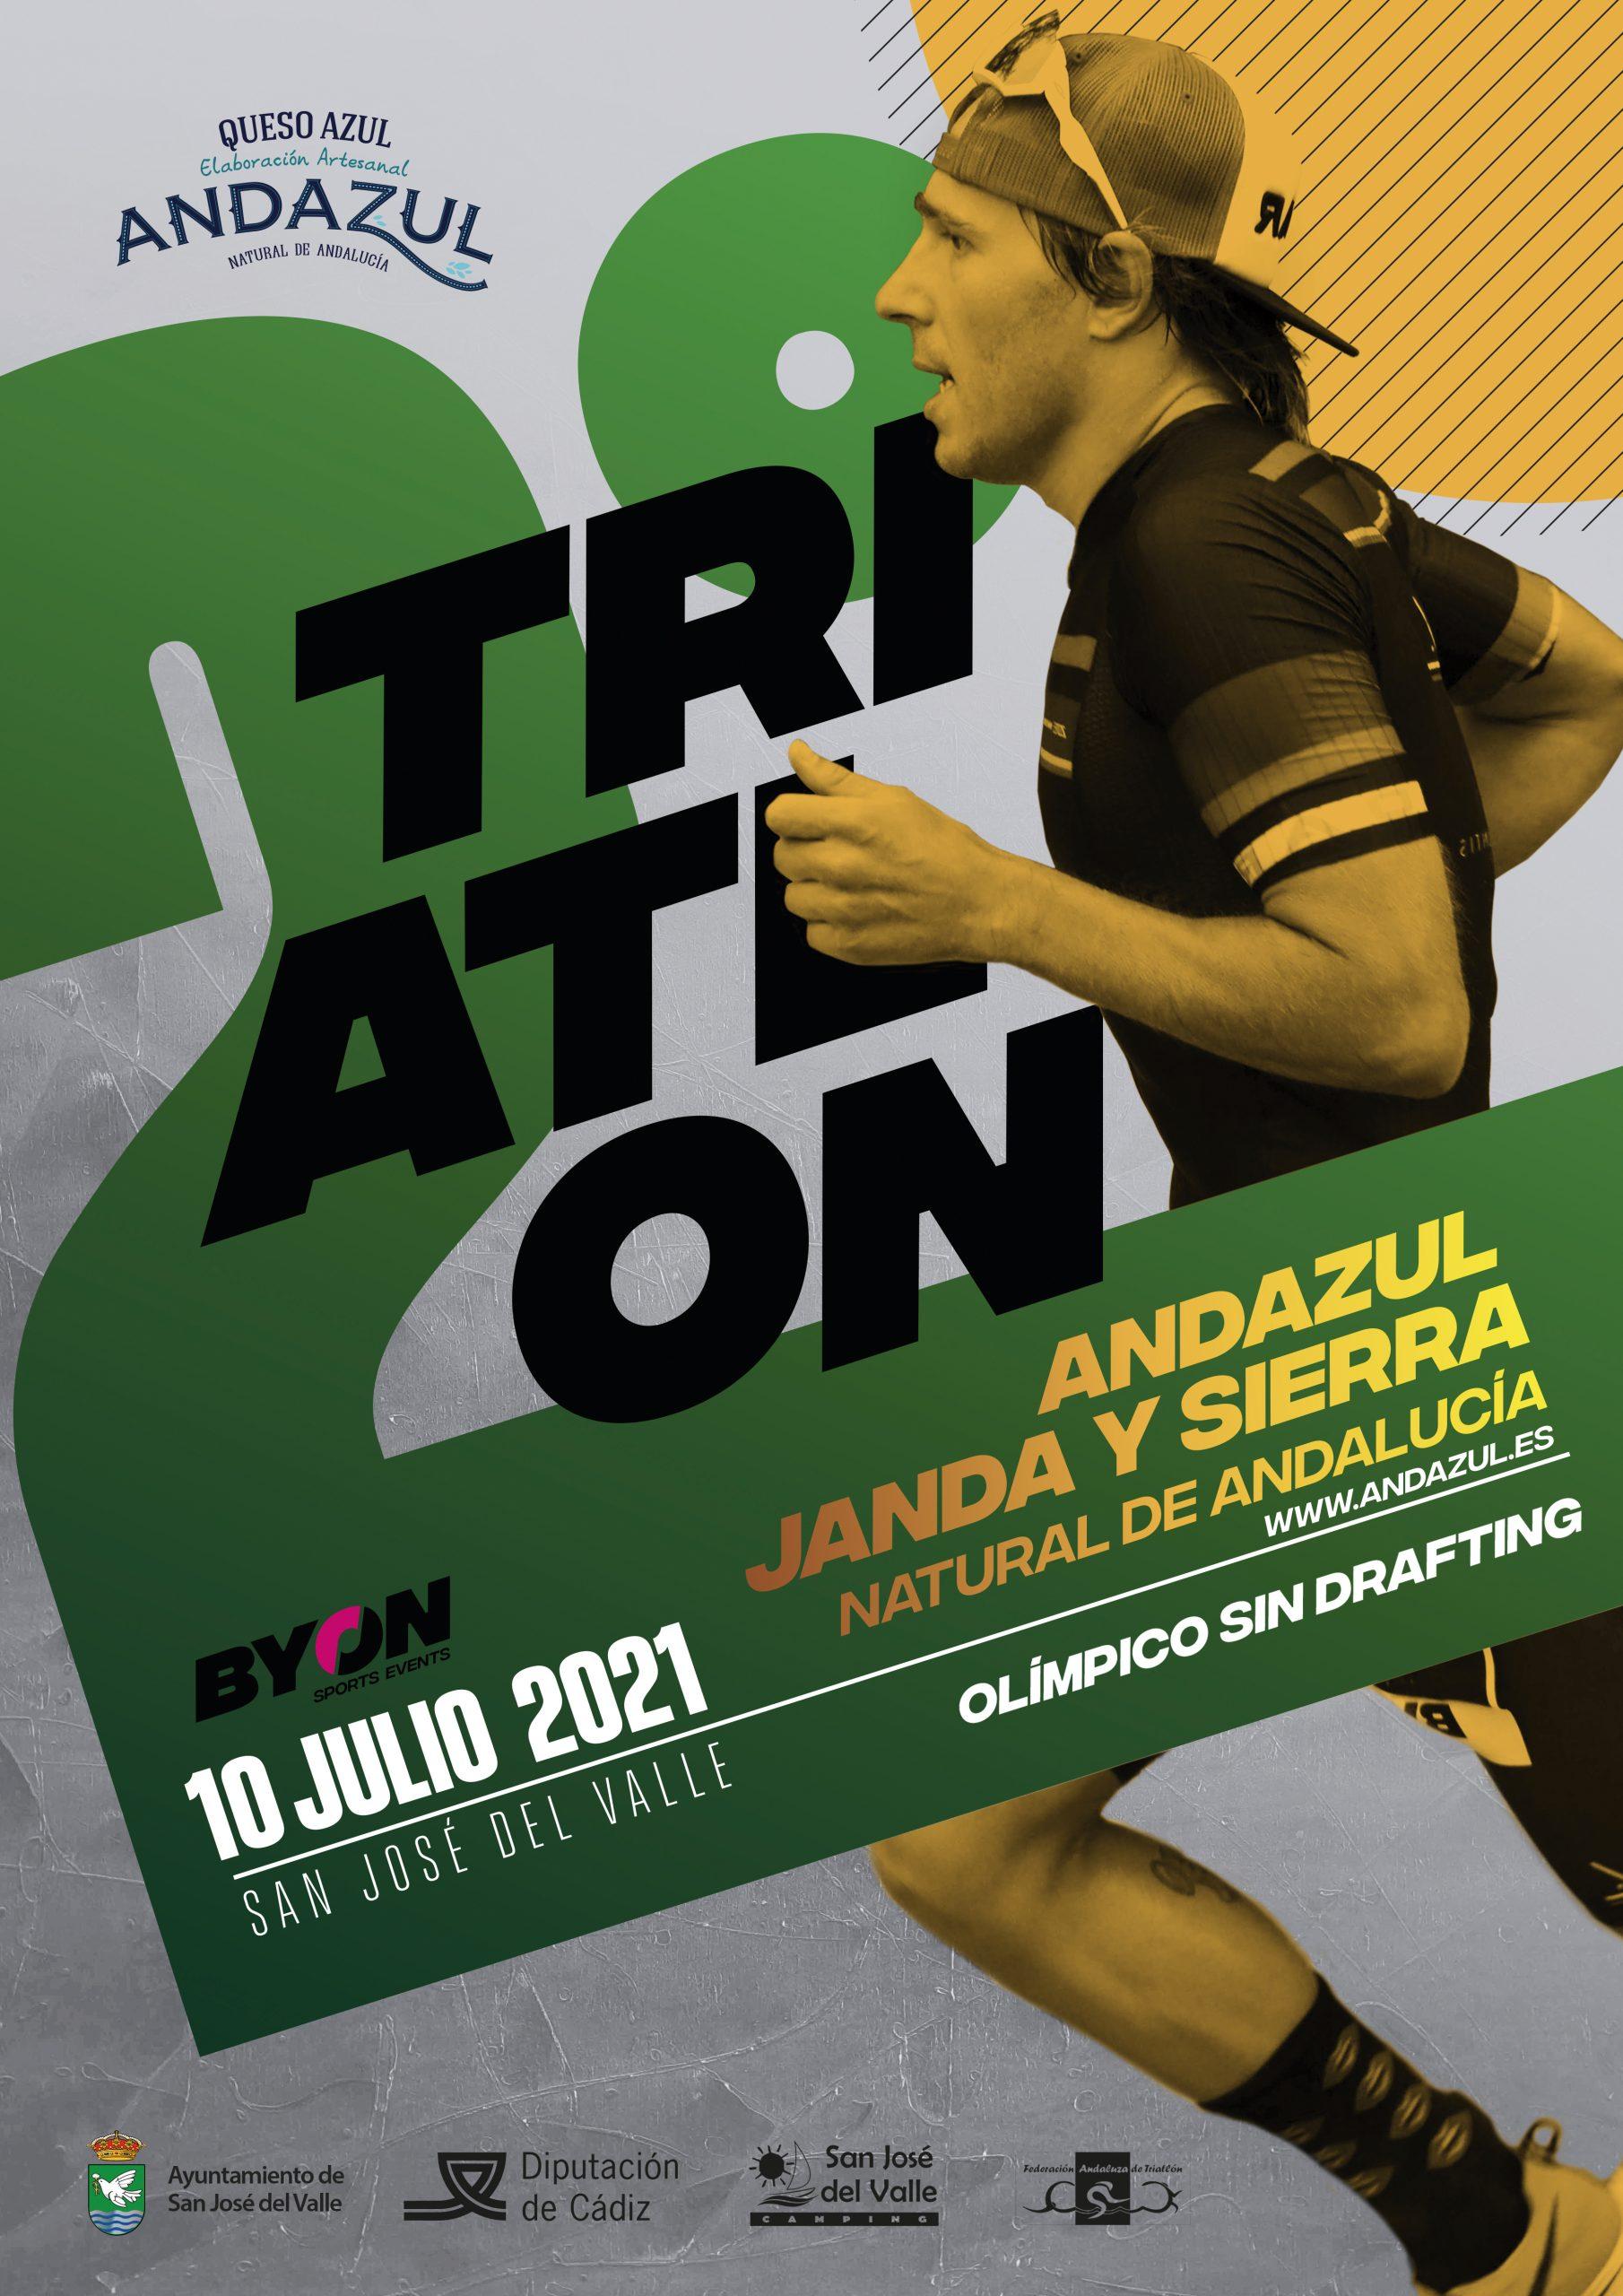 II TRIATLON JANDA Y SIERRA RELEVOS